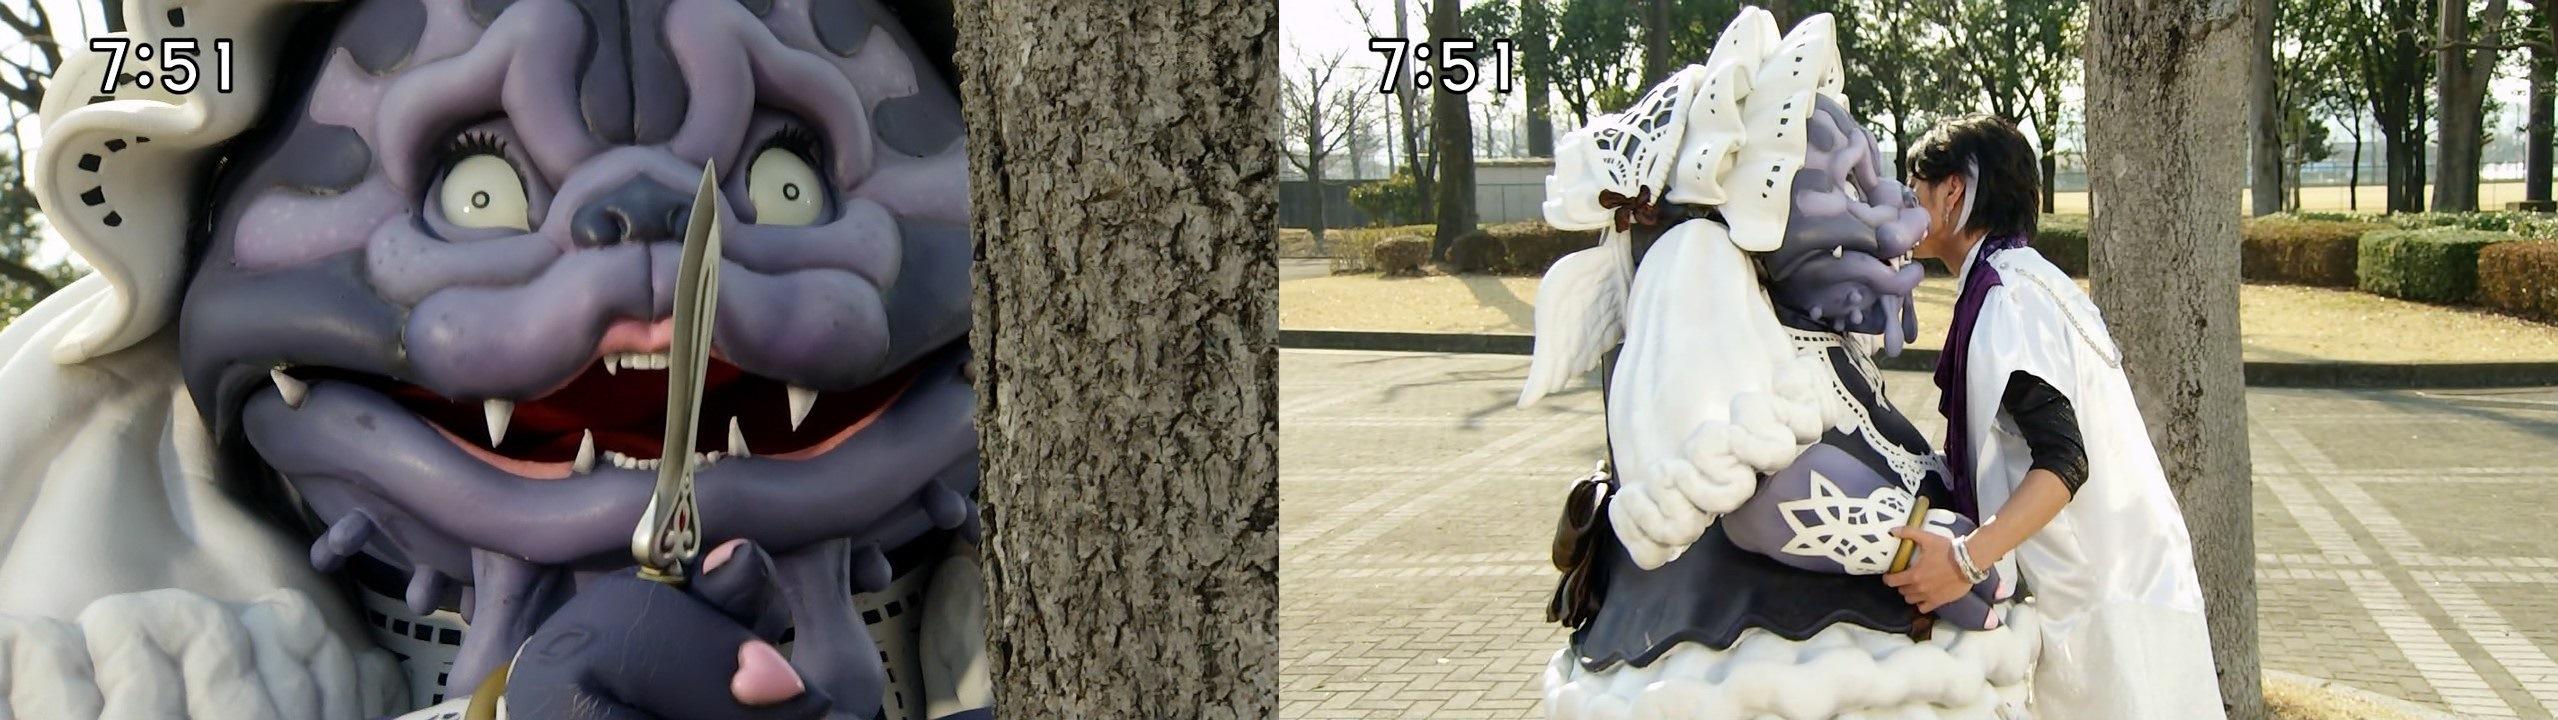 トッキュウ#12勘違いヤンデレグリッタ嬢